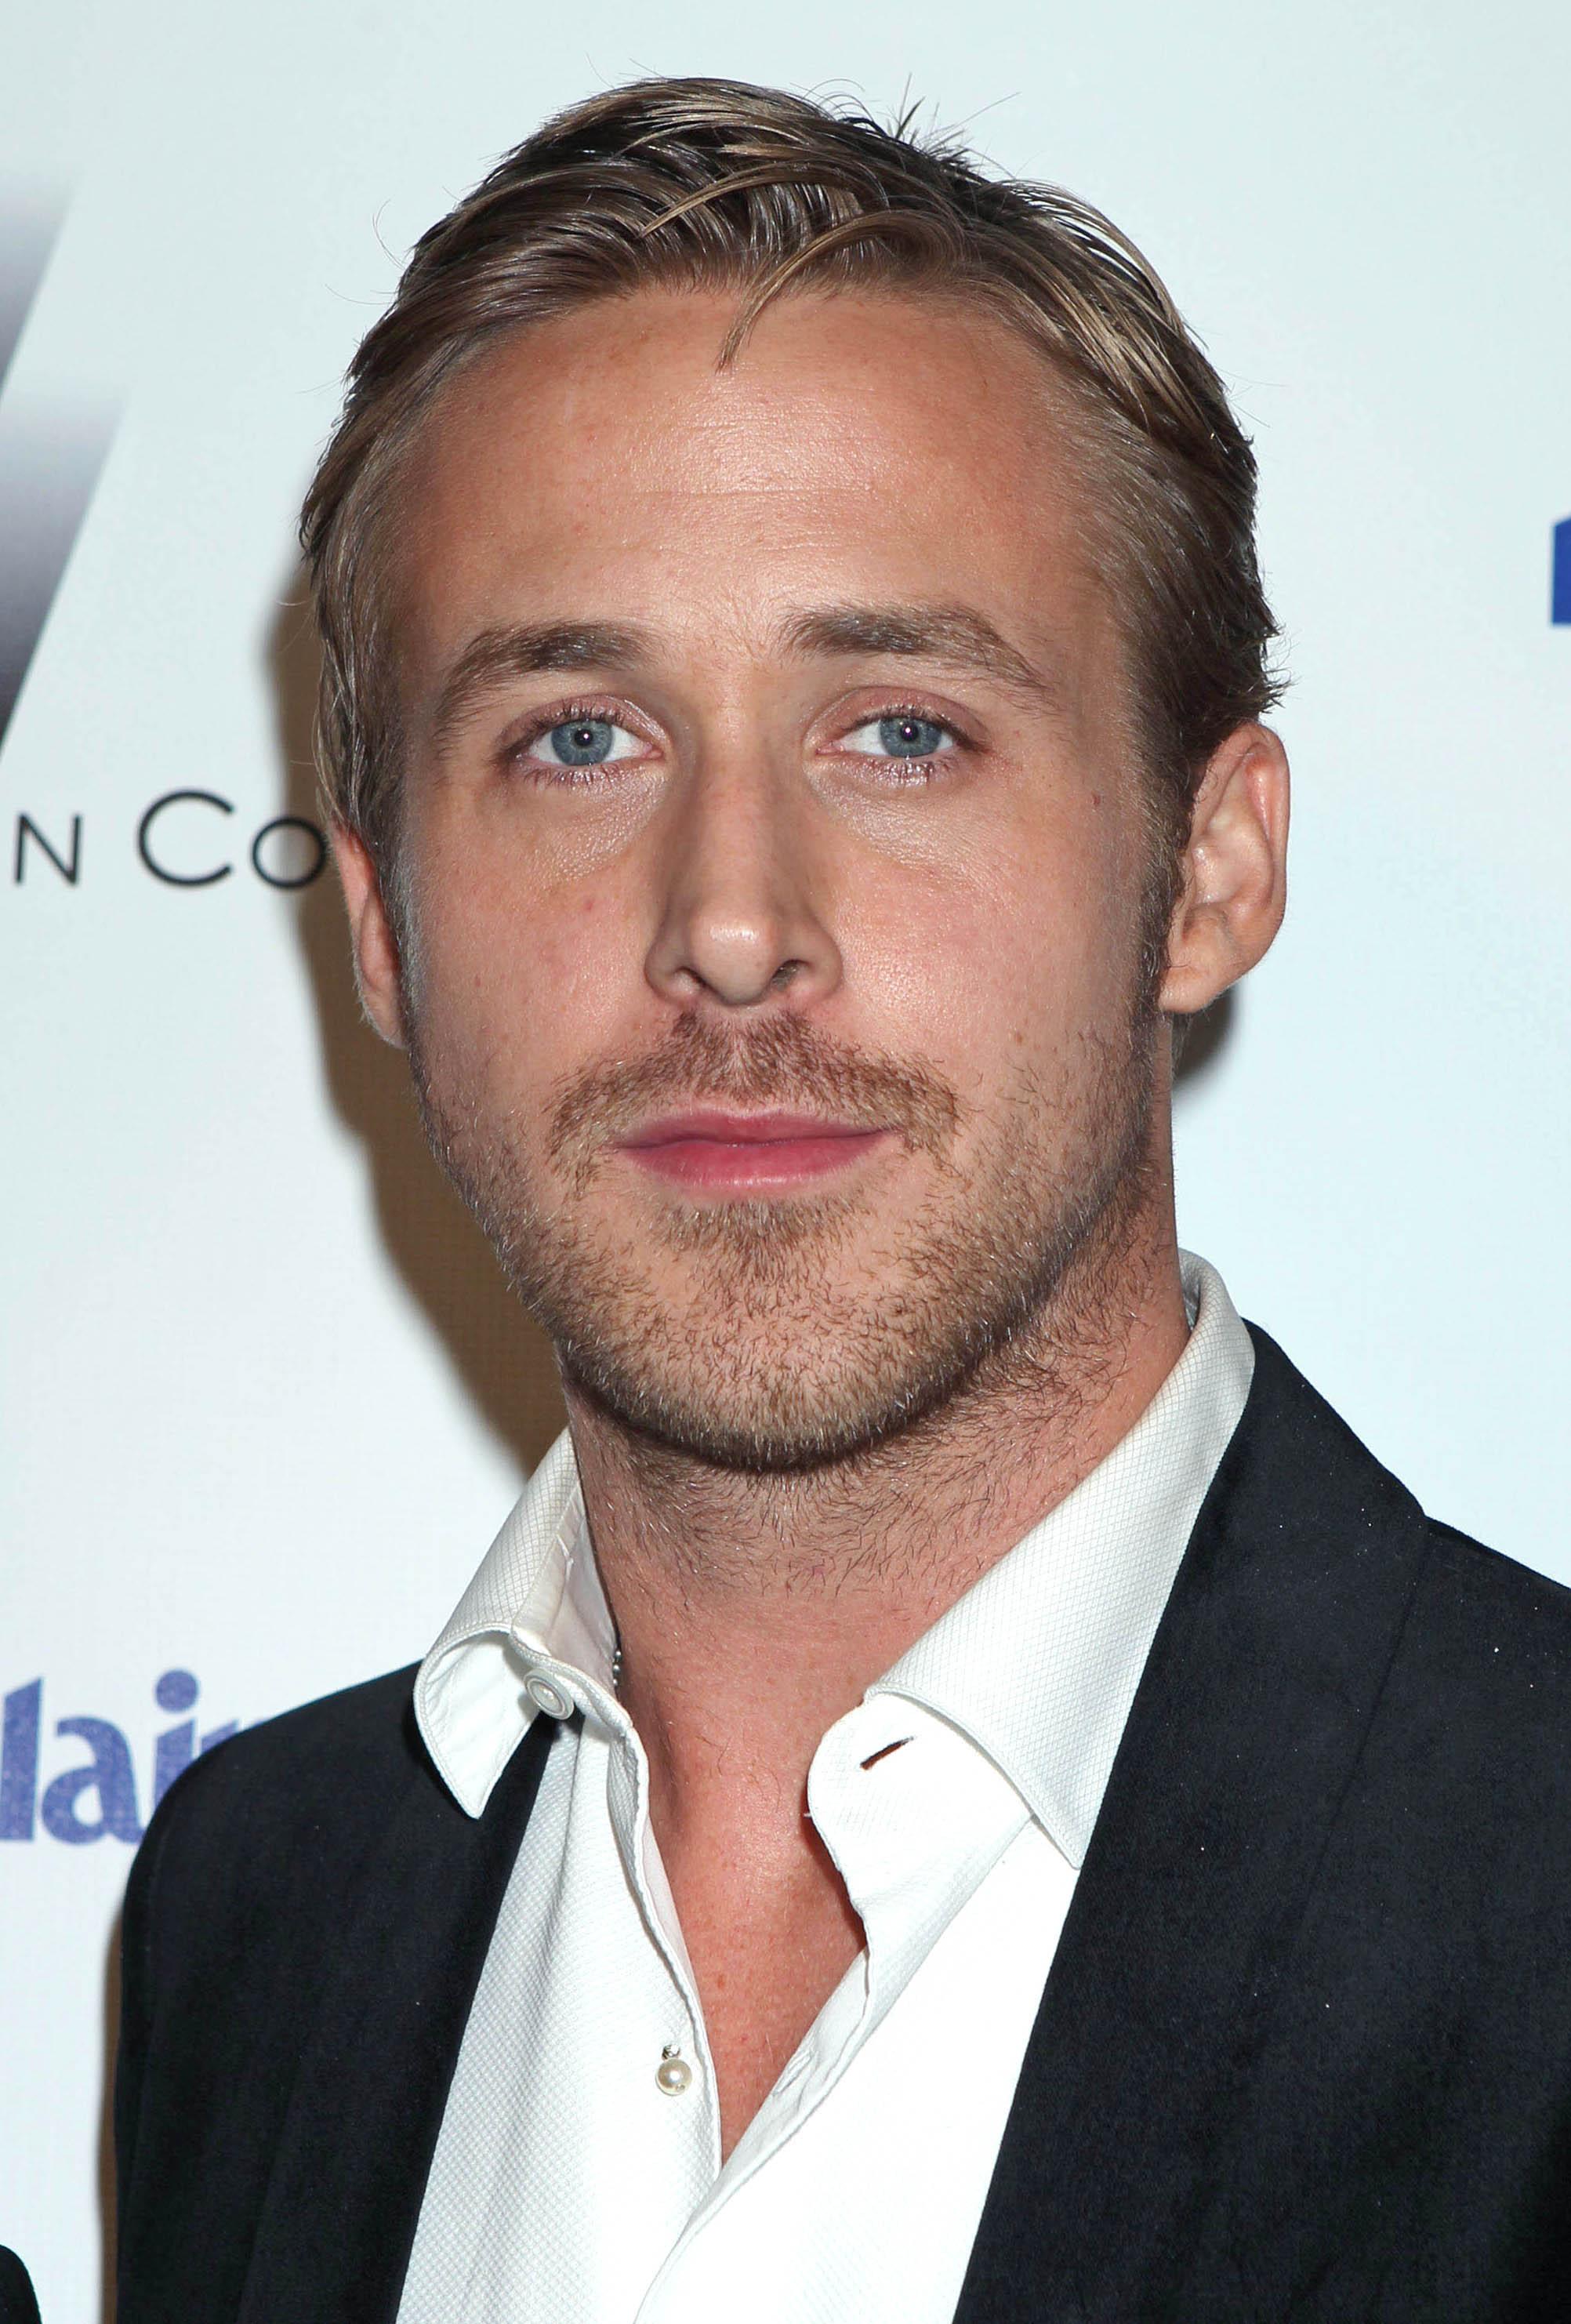 Ryan Gosling Photos Photos - The Nice Guys - UK Premiere